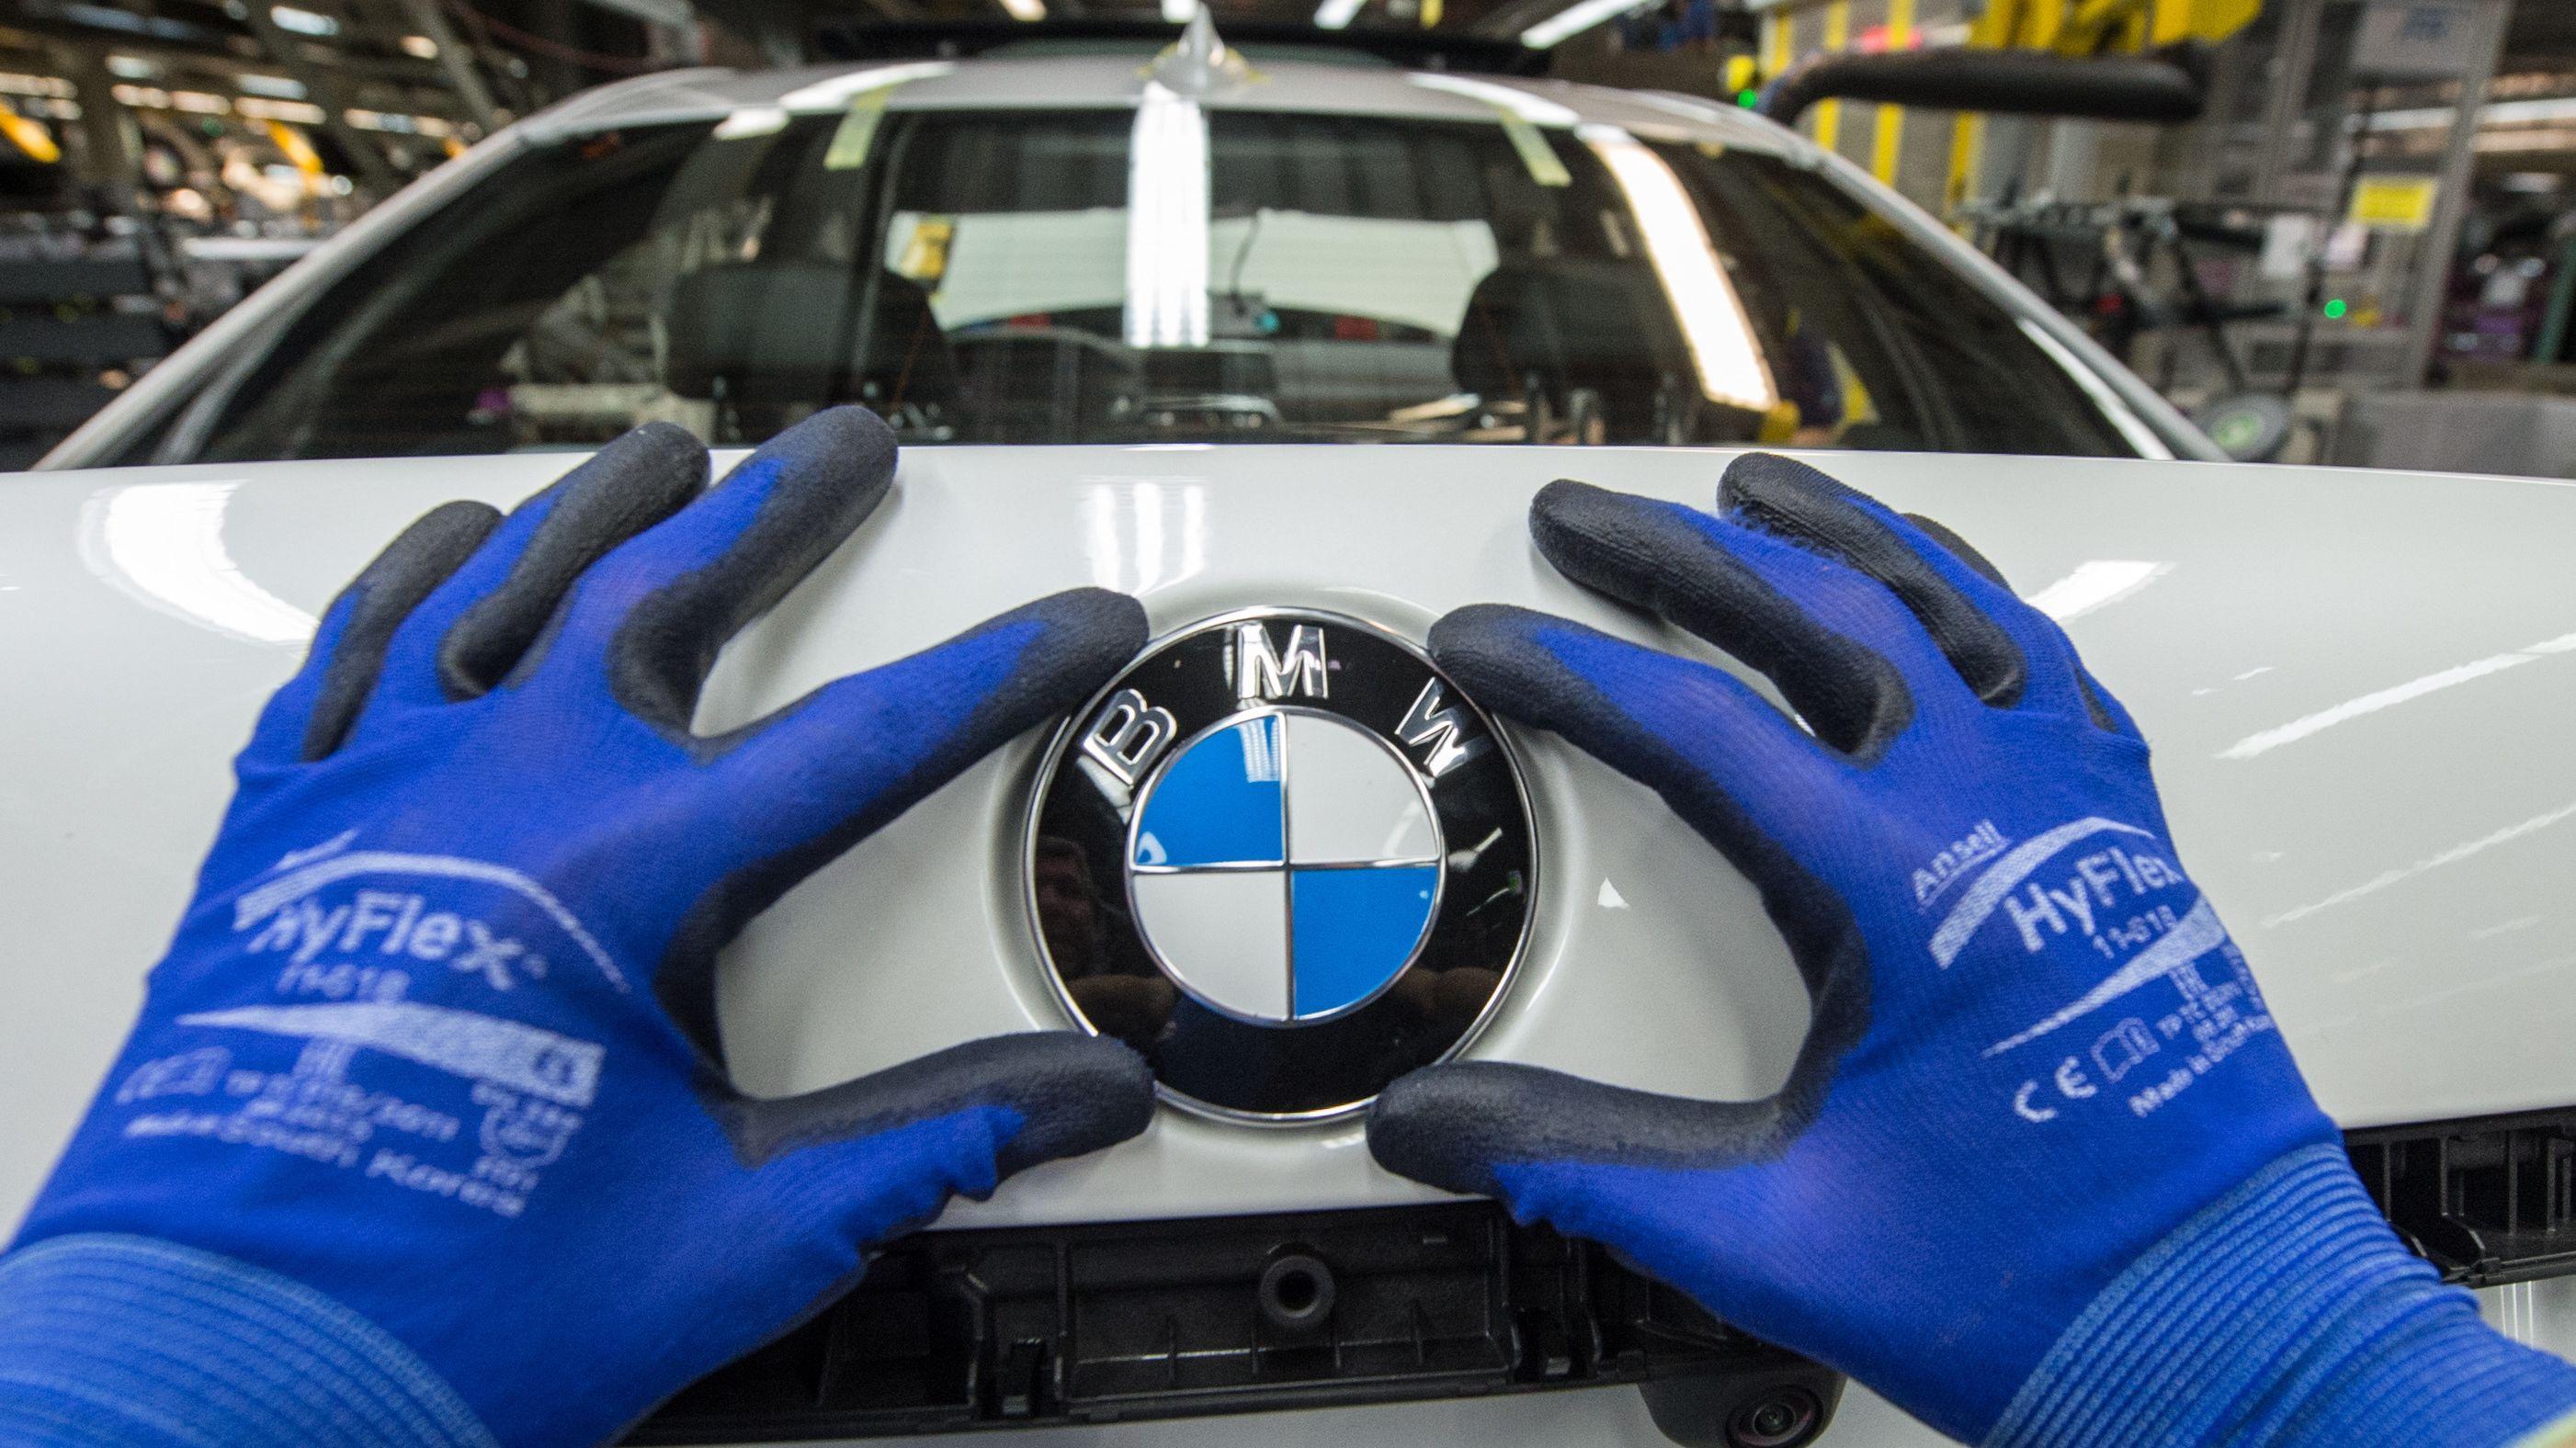 Ein Mitarbeiter montiert im BMW-Werk Dingolfing ein BMW-Emblem auf den Kofferraumdeckel eines Fahrzeugs